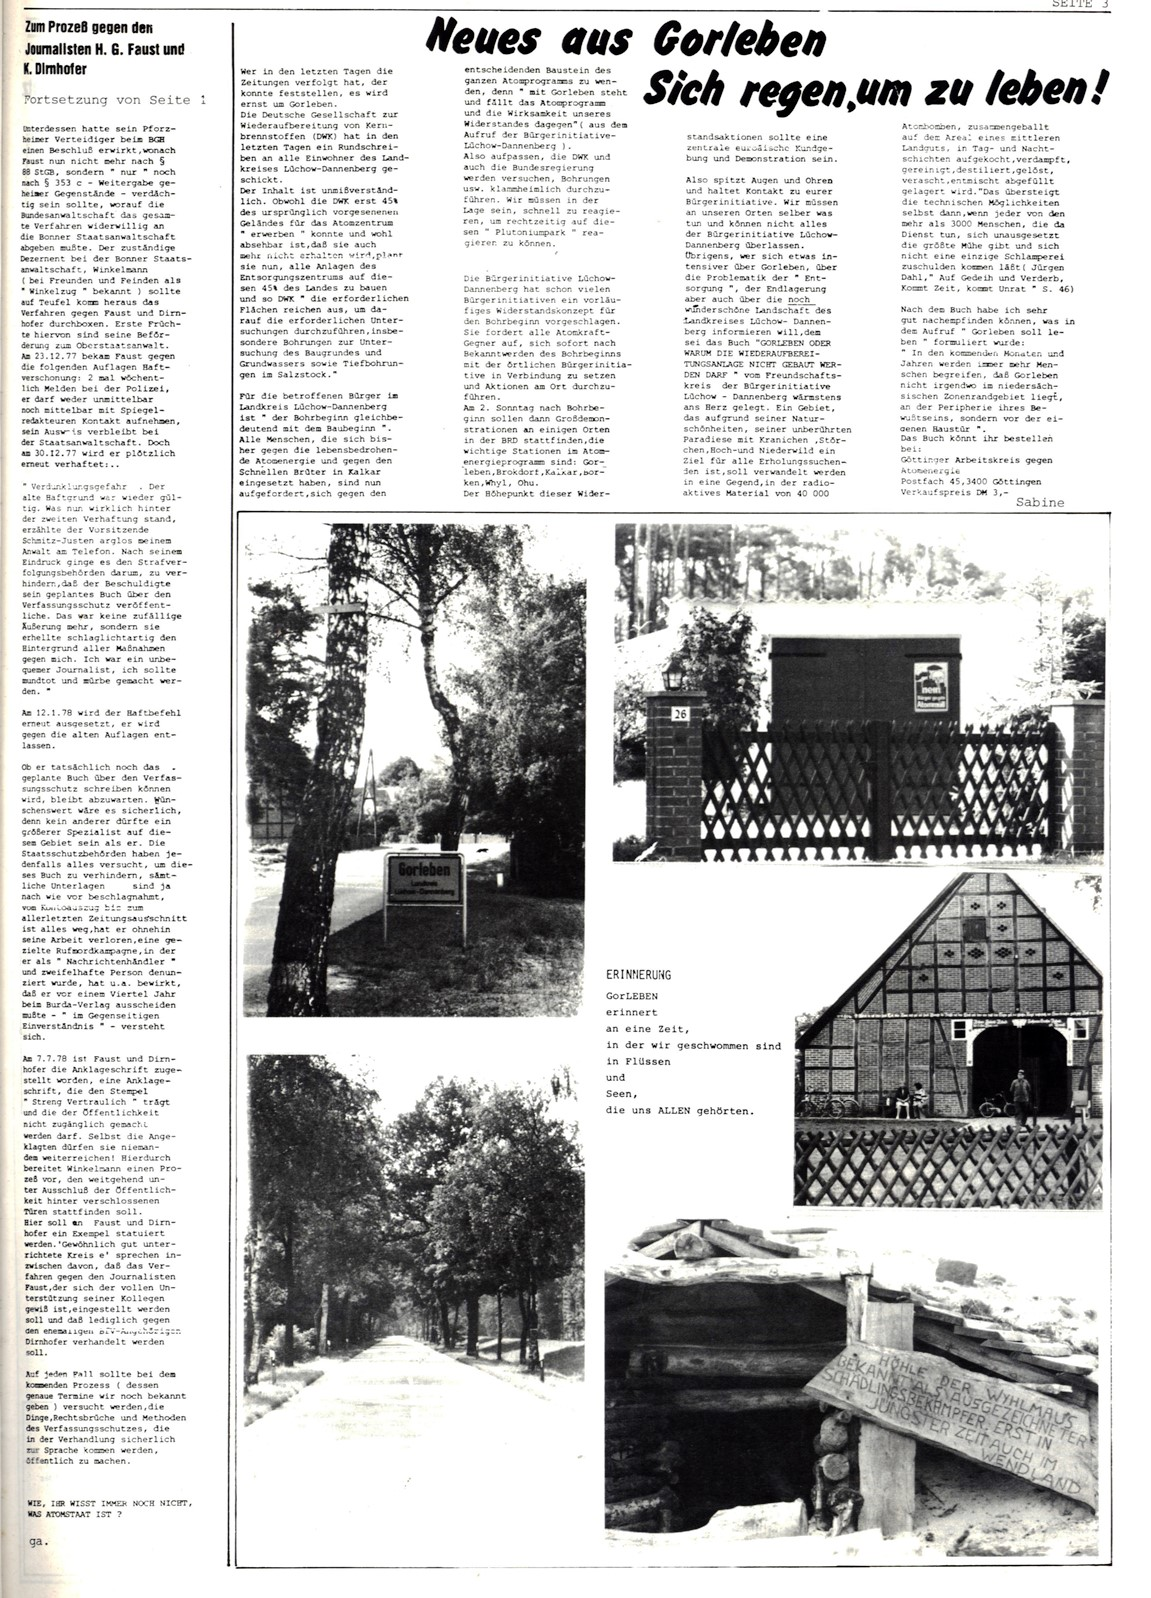 Bonner_Volksblatt_16_19780830_03